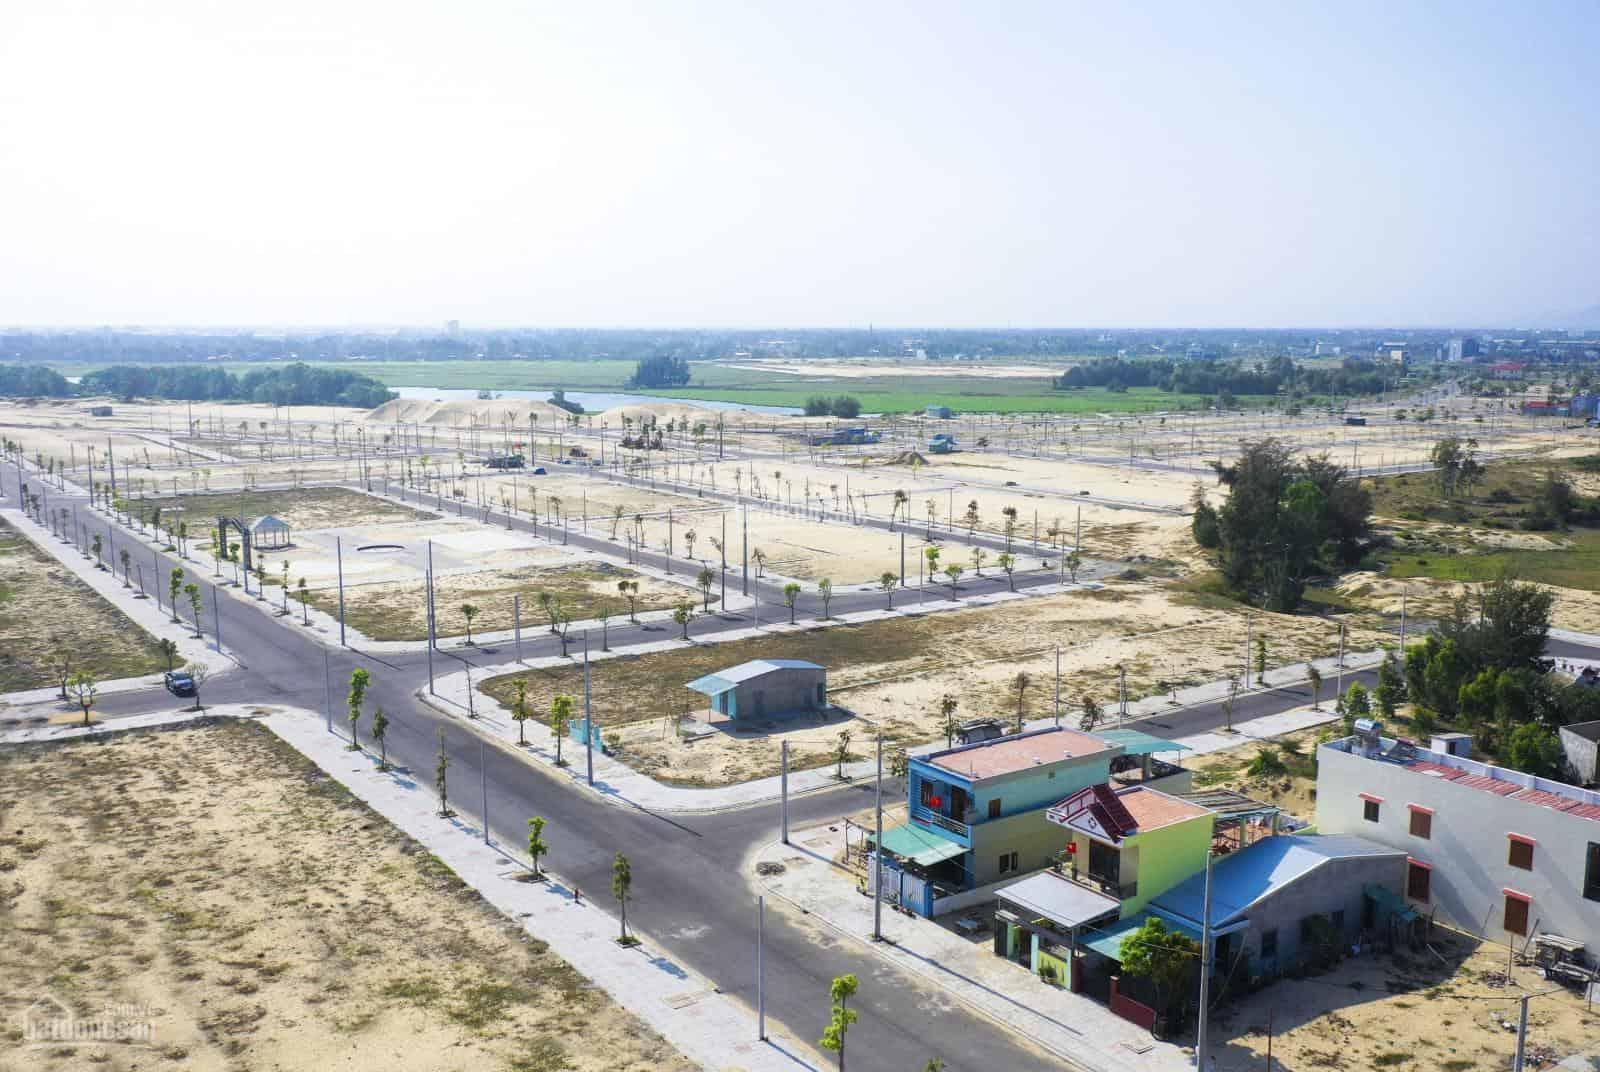 Bán đất Đà Nẵng – Biệt thự ven biển tiếp giáp sông Cổ Cò.